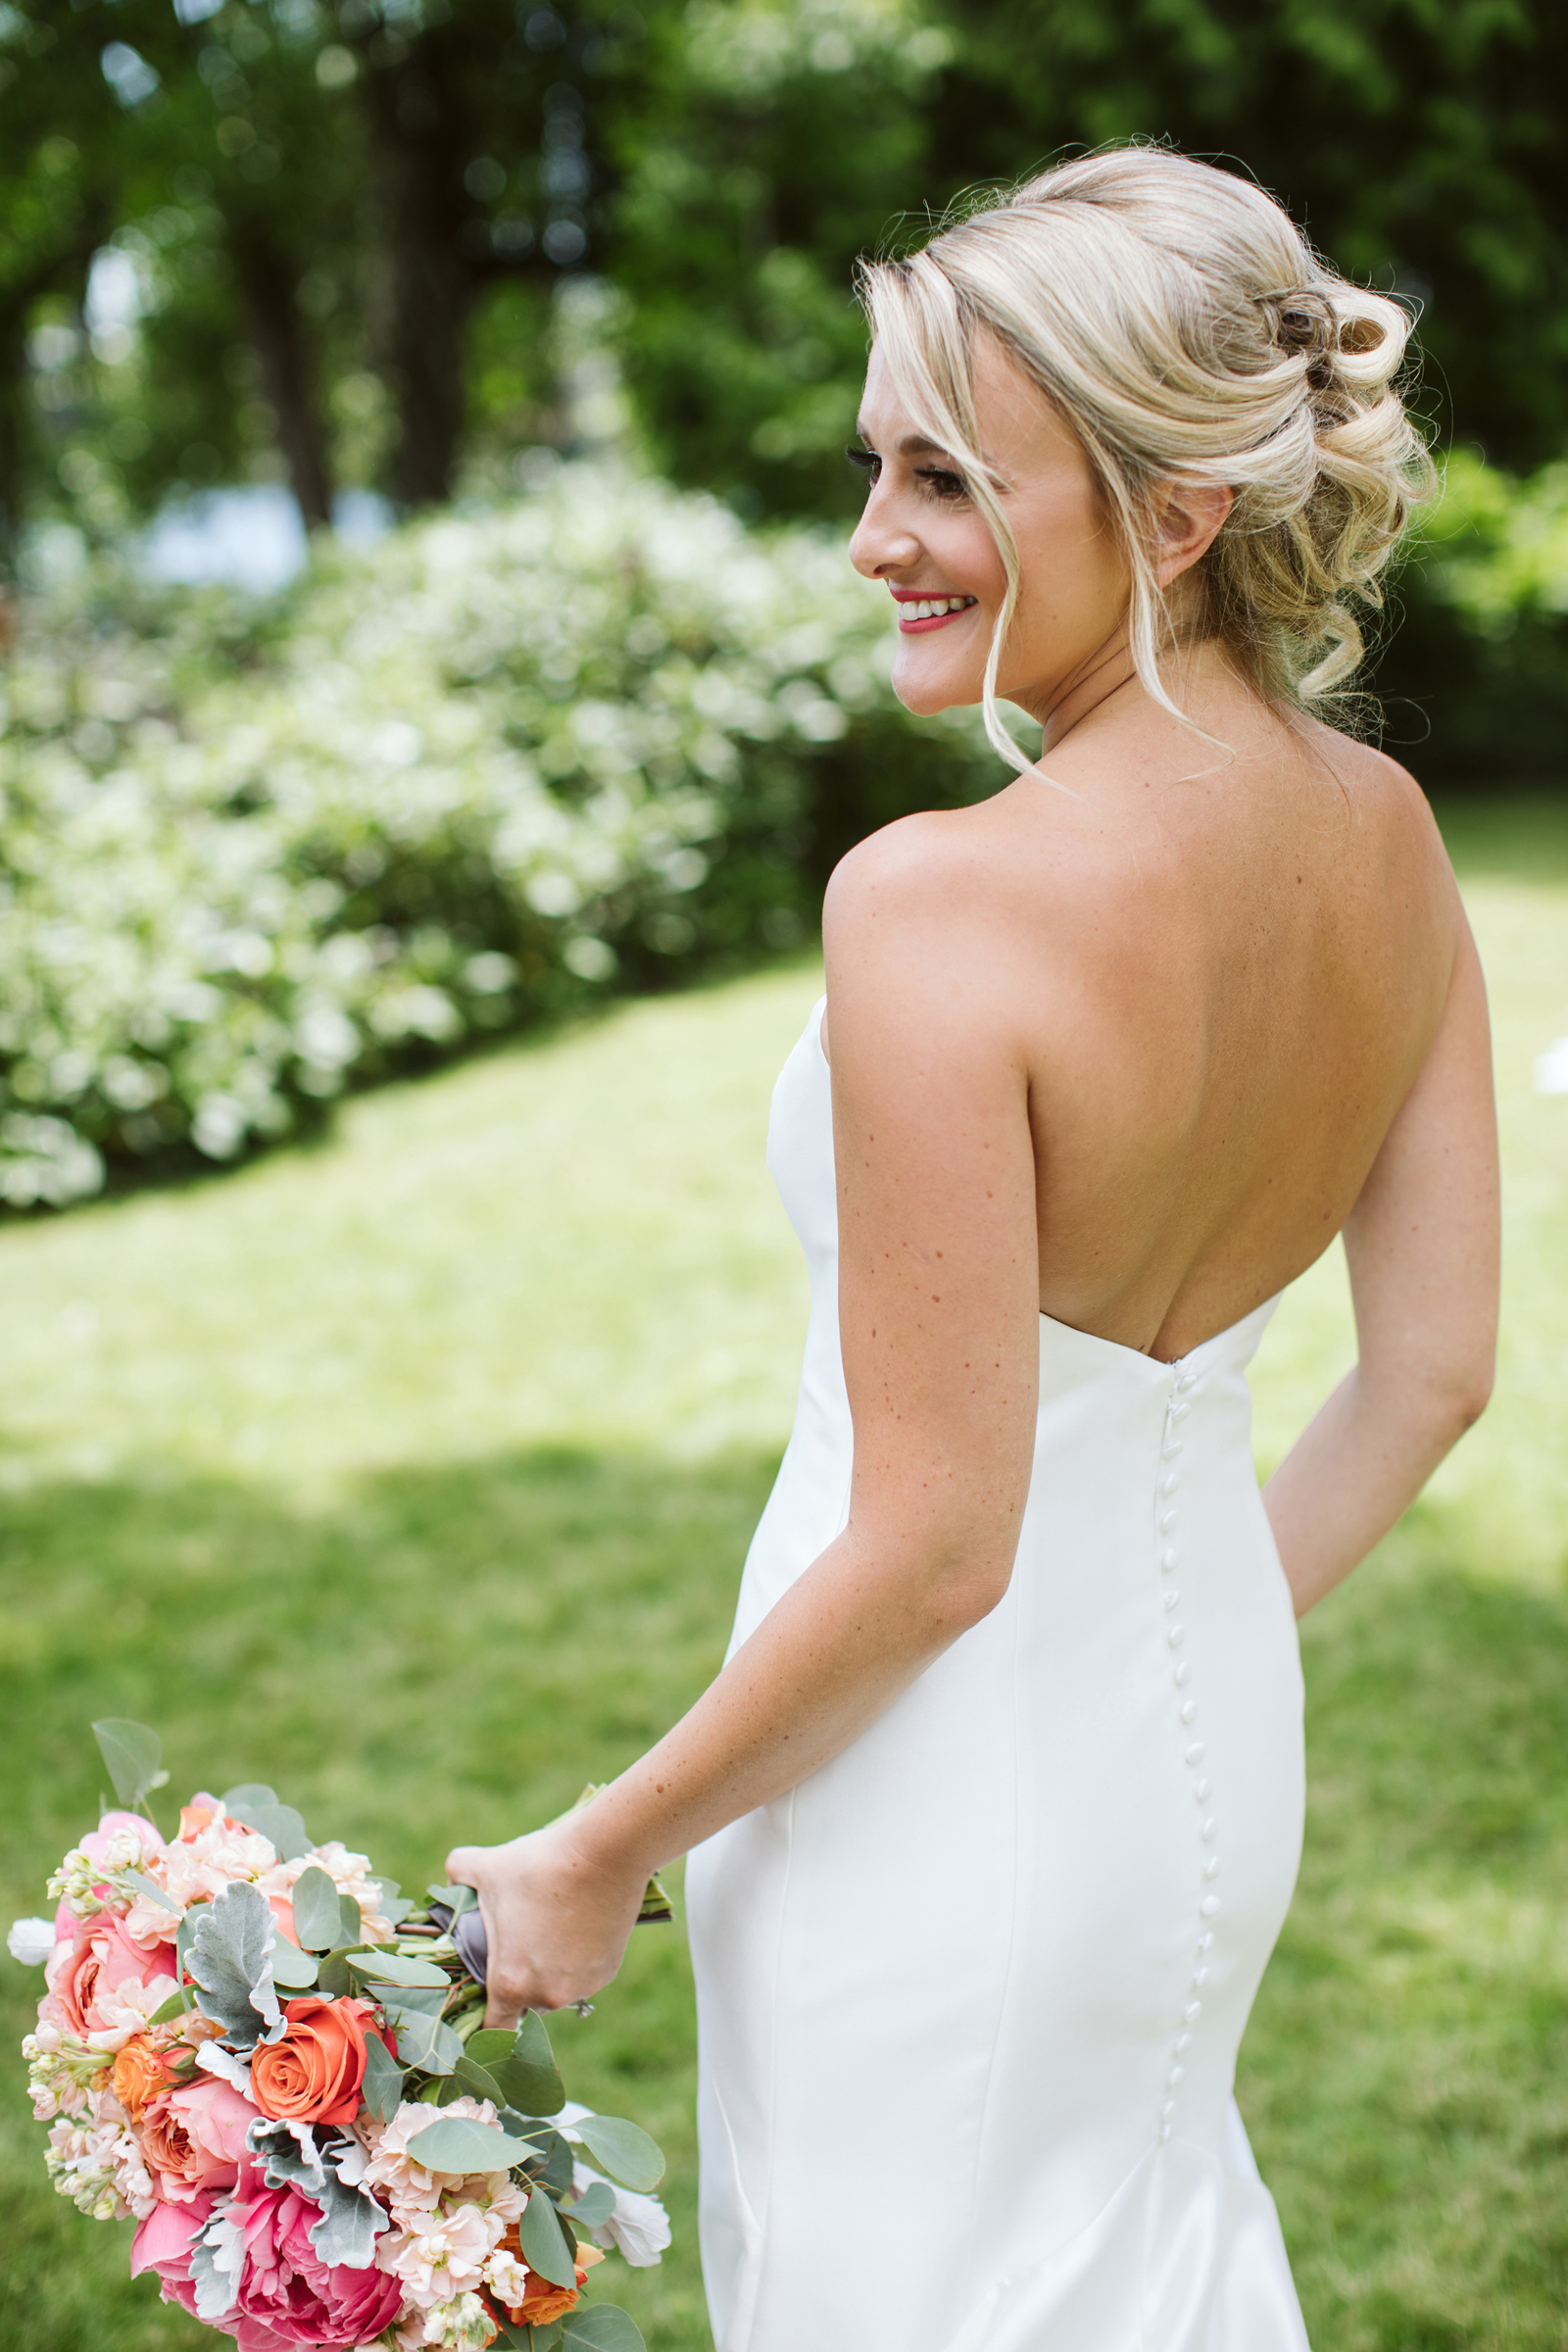 031-daronjackson-gabby-alec-wedding.jpg